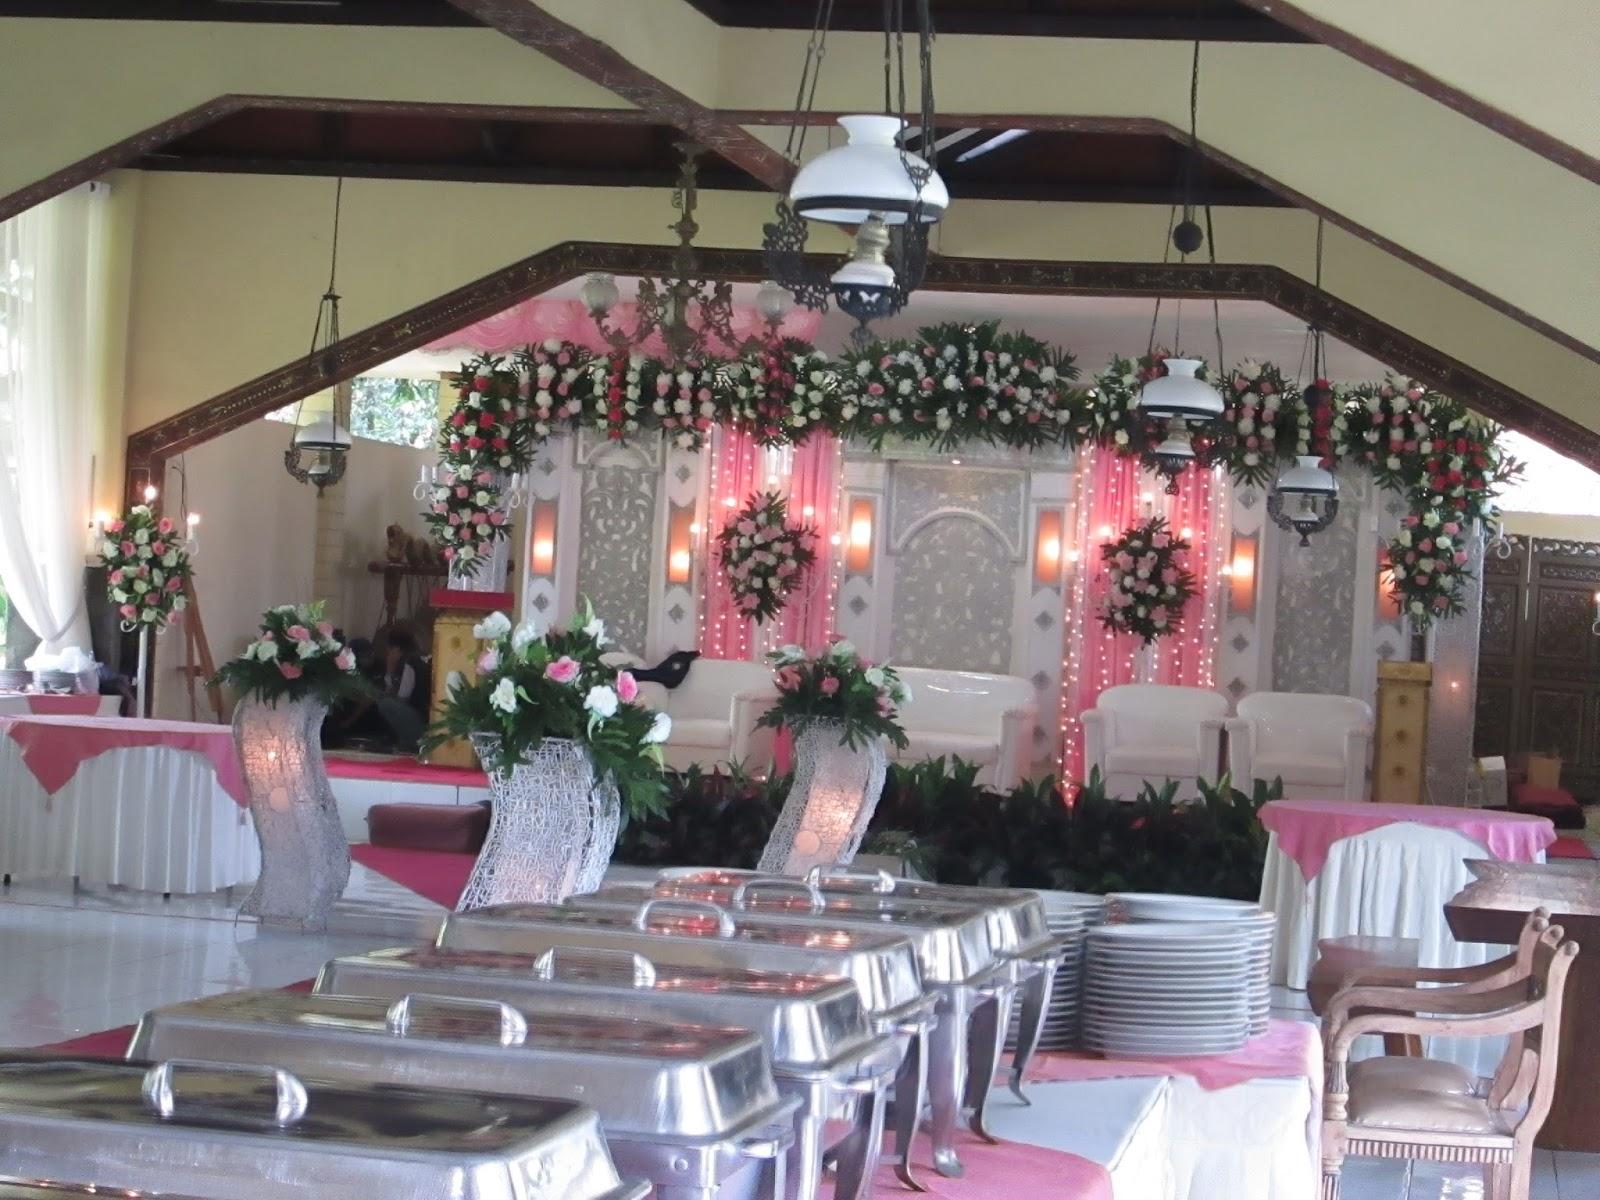 Jasa sewa gedung paket wedding bogor di restoran bali asri parung paket wedding bogor di restoran bali asri parung junglespirit Image collections